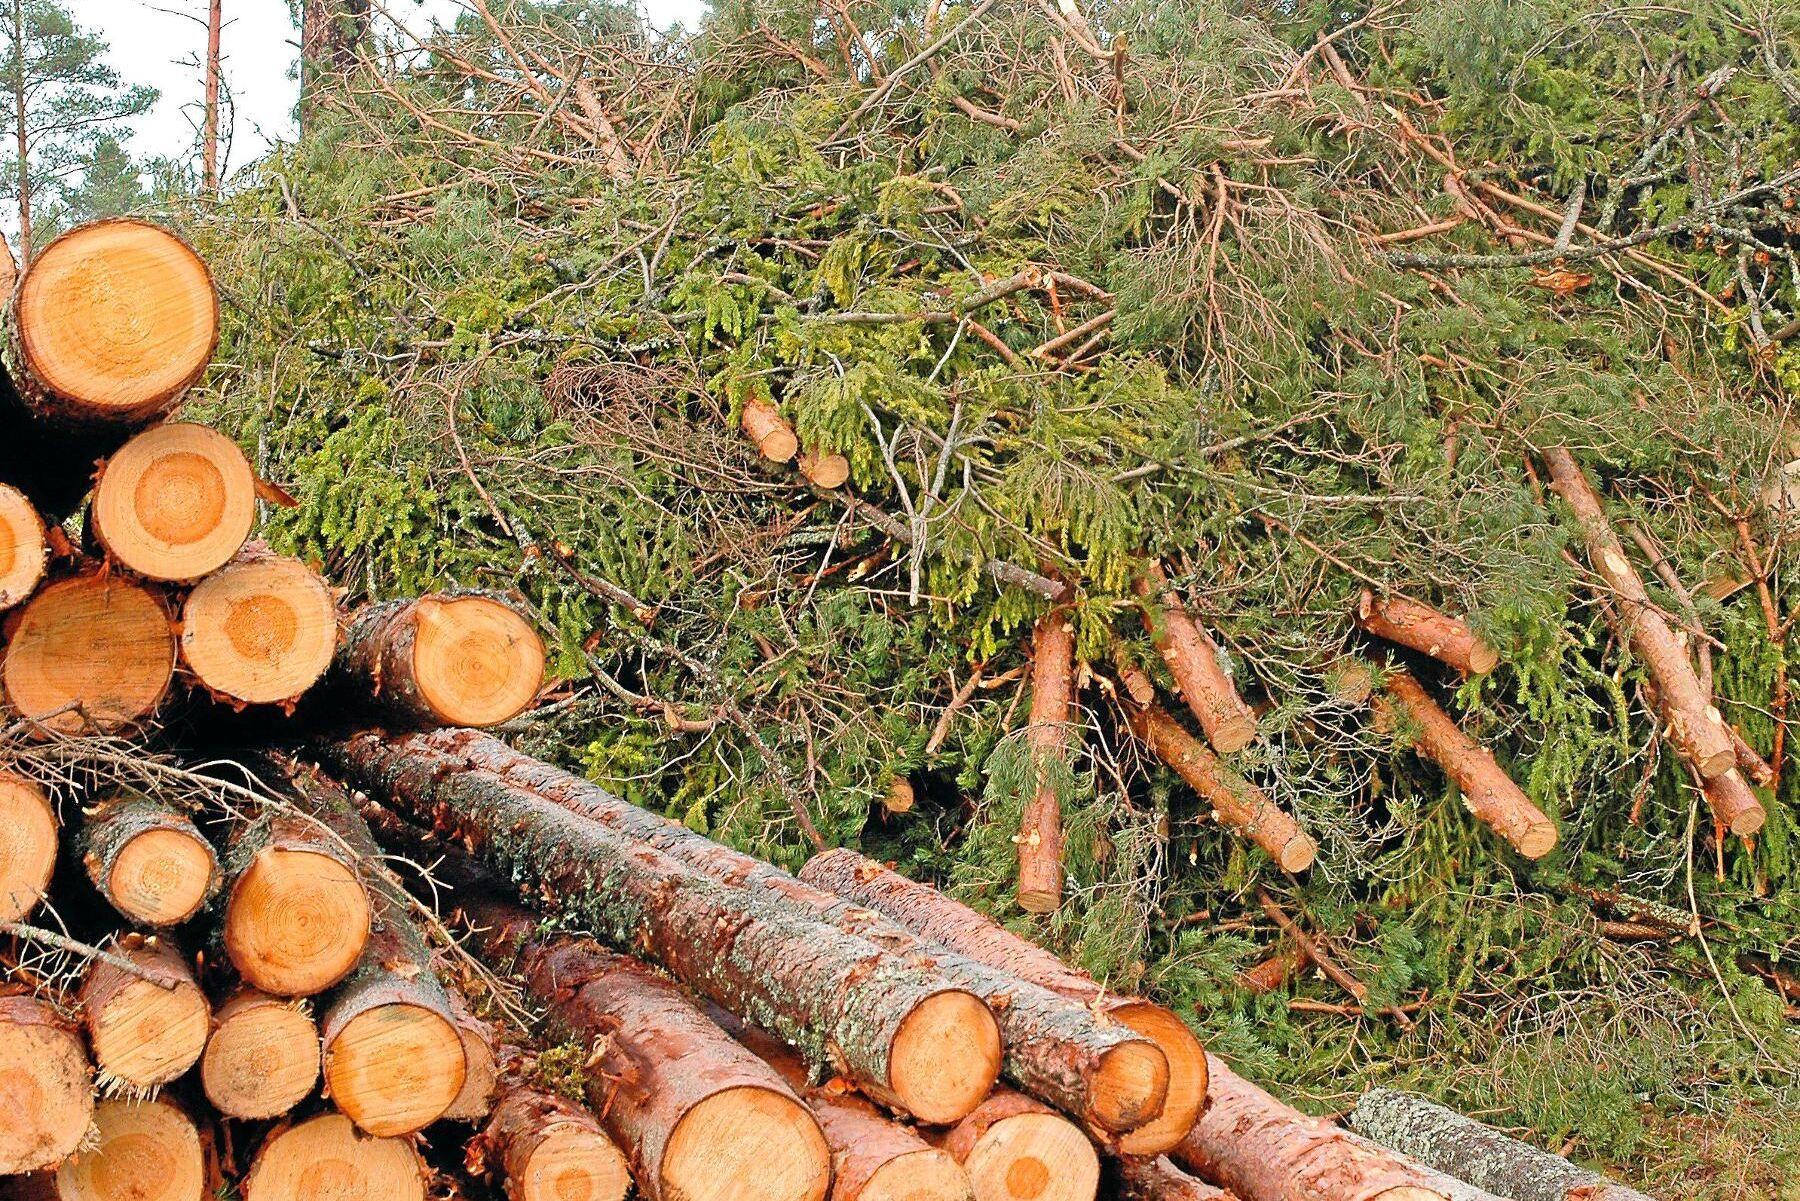 Med ett jord- och skogsbruk i framkant har Sverige goda förutsättningar att få i gång en stor inhemsk produktion av biobränslen, skriver John Widegren (M), landsbygdspolitisk talesperson.